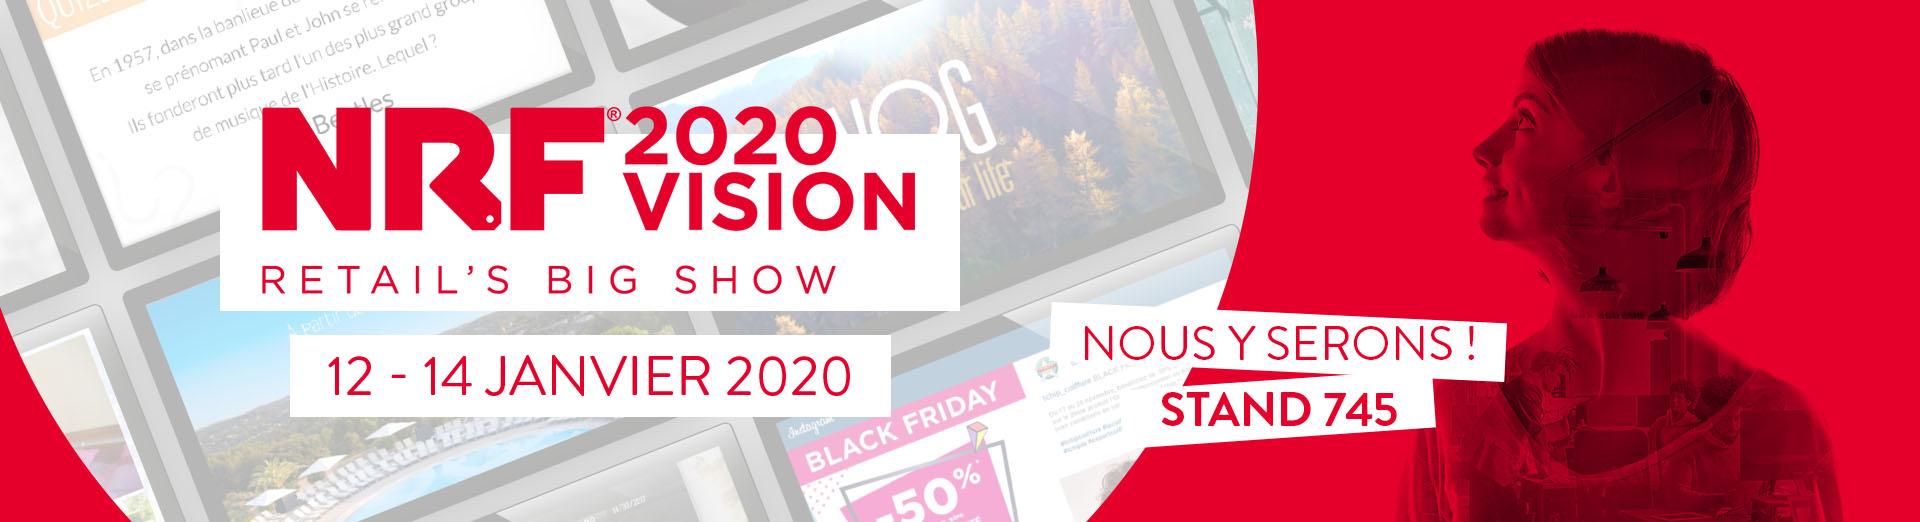 Crown Heights et CrownTV seront présents au NRF 2020.